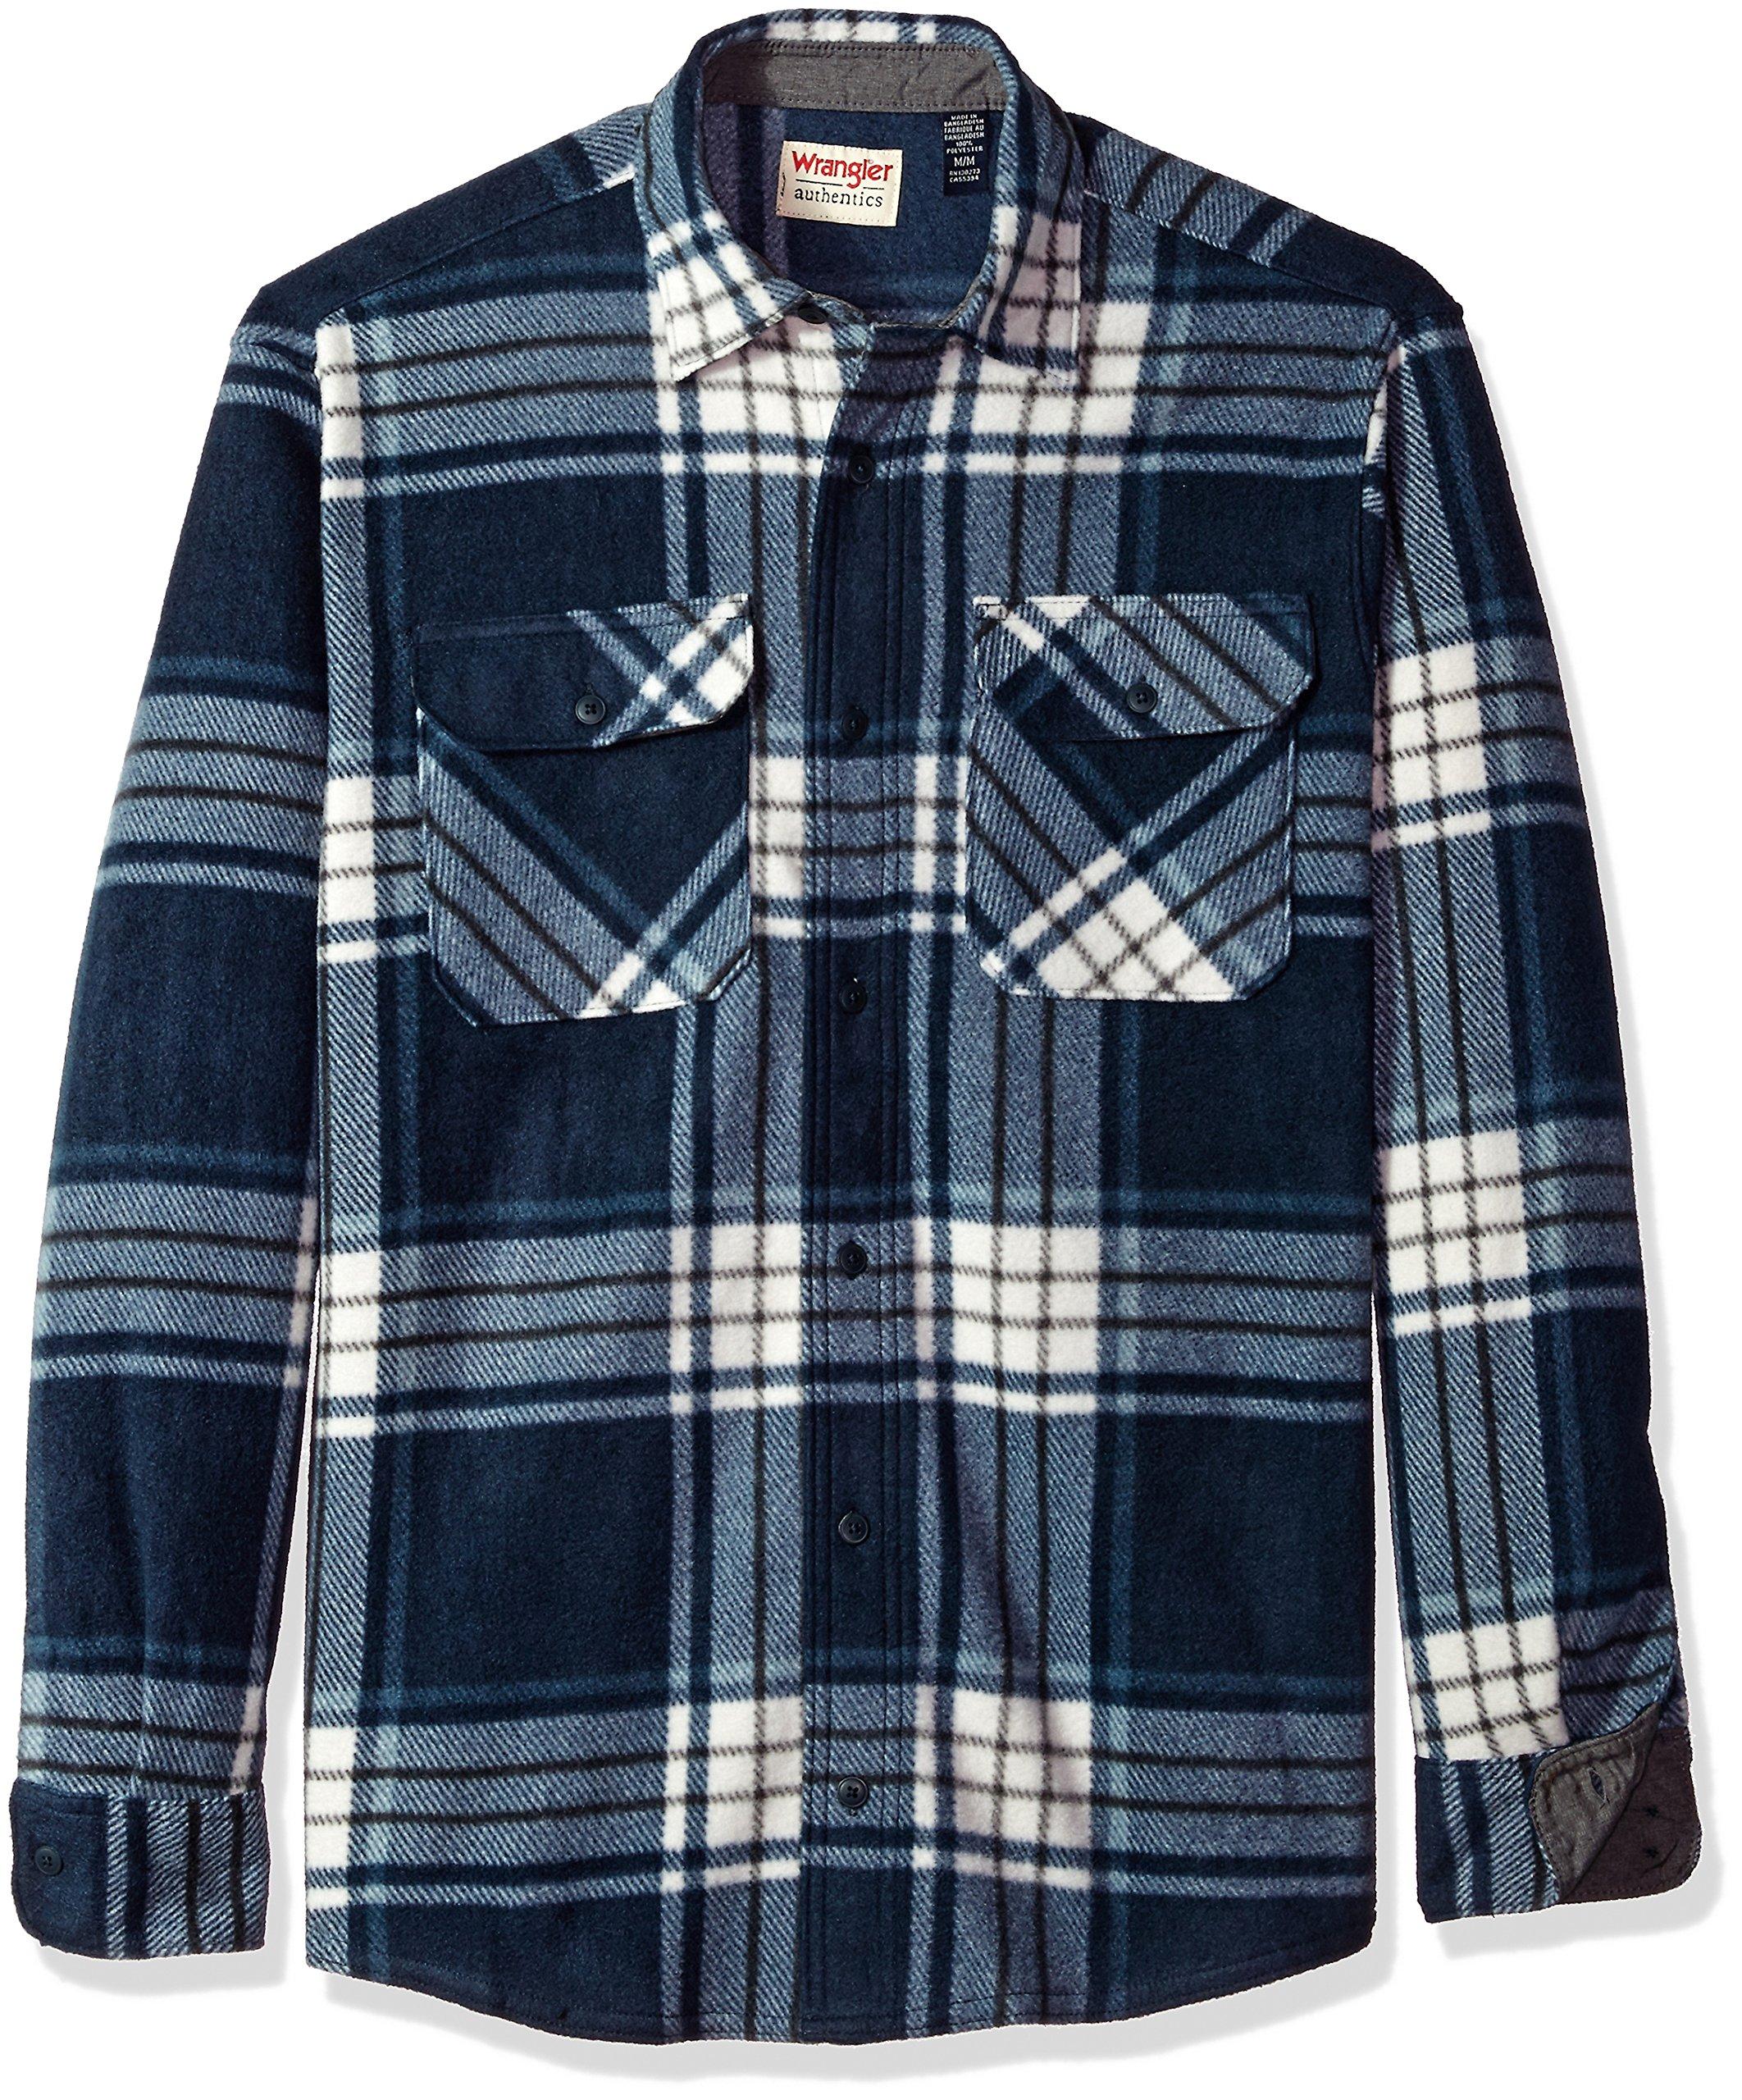 Wrangler Authentics Men's Long Sleeve Plaid Fleece Shirt Jacket, Total Eclipse Plaid, M